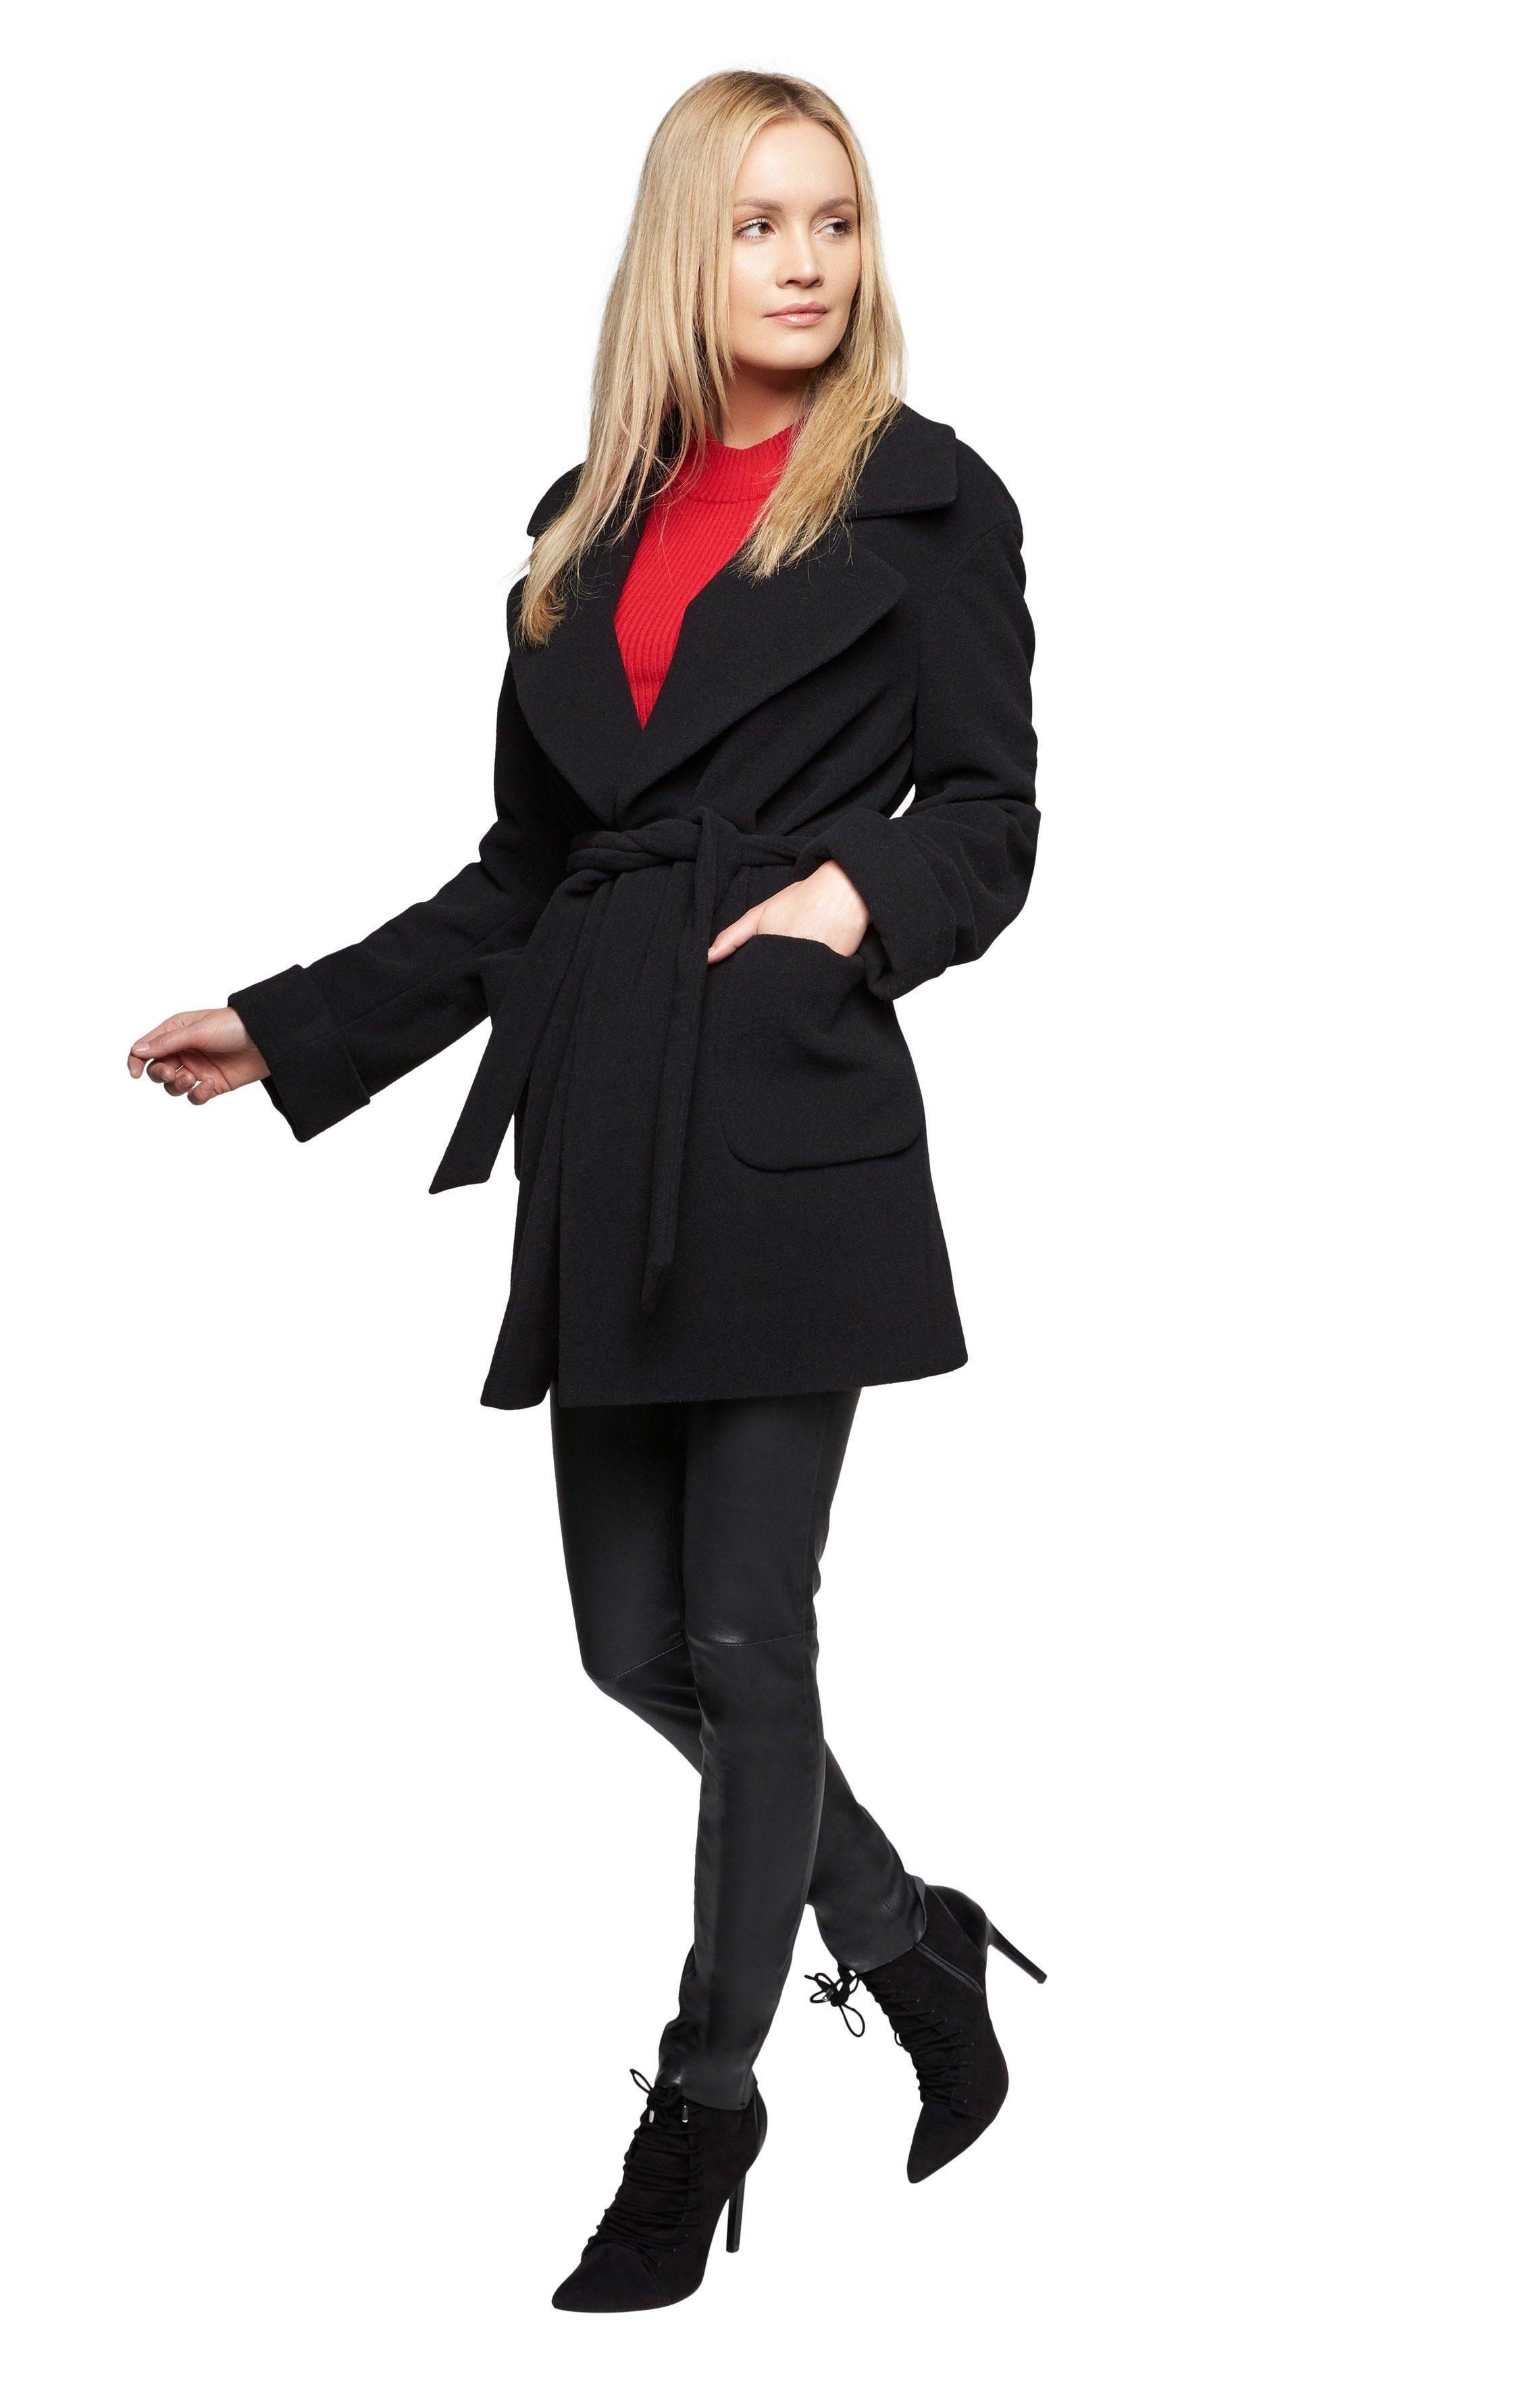 Bindegürtel Online LangarmMit Zu Apart Schließen Mantel KaufenOtto j4A35RL